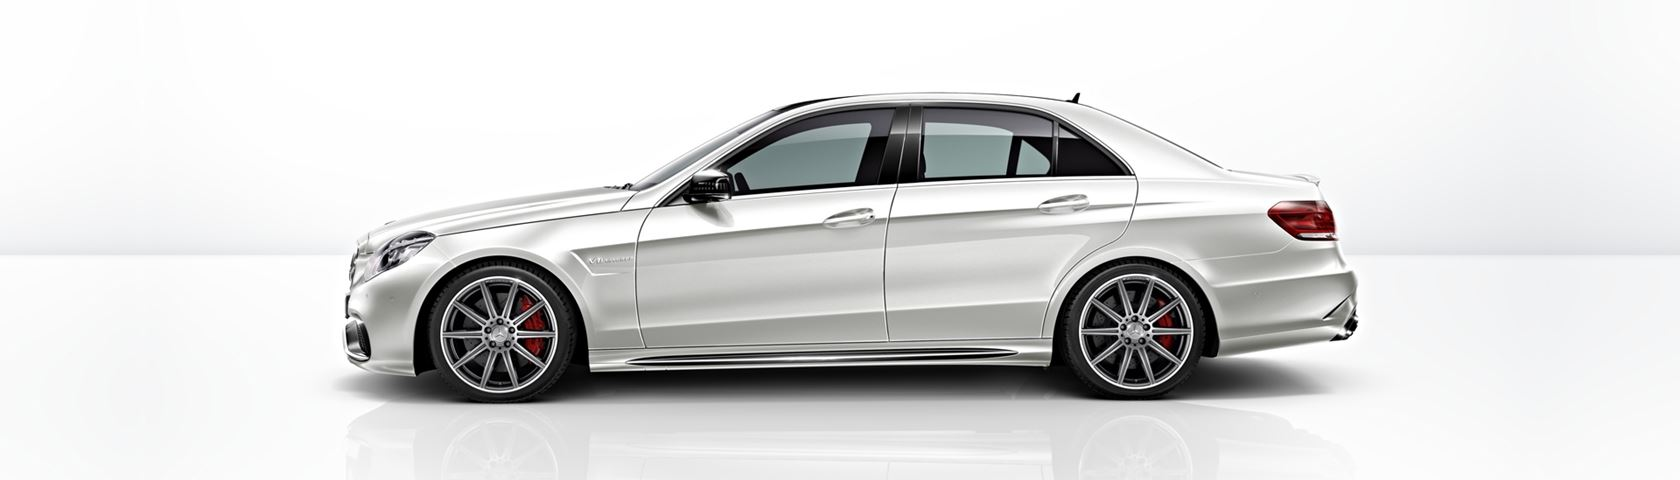 2013 Mercedes-Benz E63 AMG S-Model 03